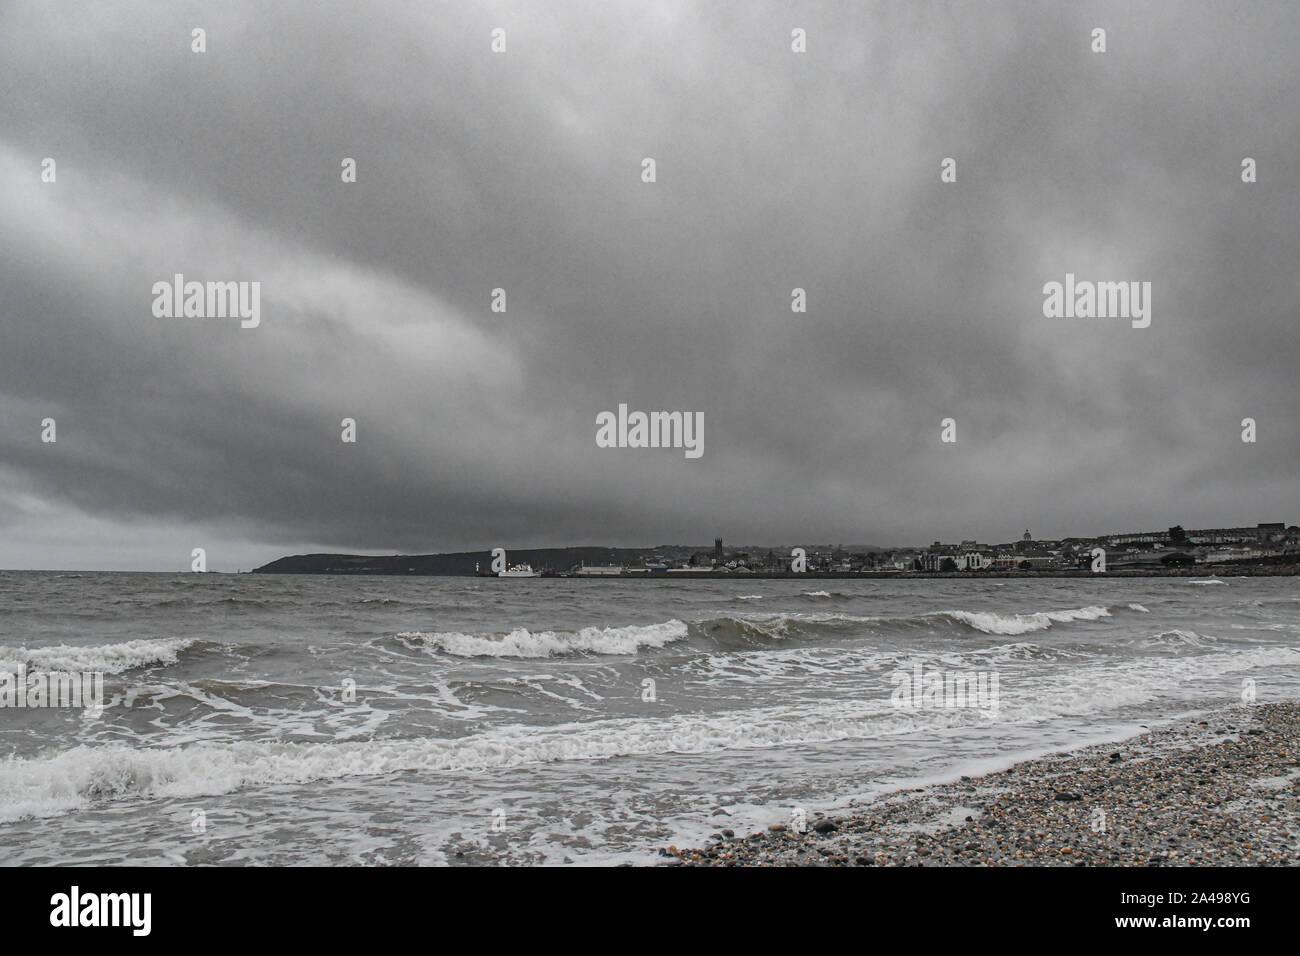 Chyandour, Cornualles, en el Reino Unido. 13 de octubre de 2019. El clima del Reino Unido. Cielos grises dando casi una imagen monocroma de la vista hacia el Penzance esta mañana. Simon crédito Maycock / Alamy Live News. Foto de stock